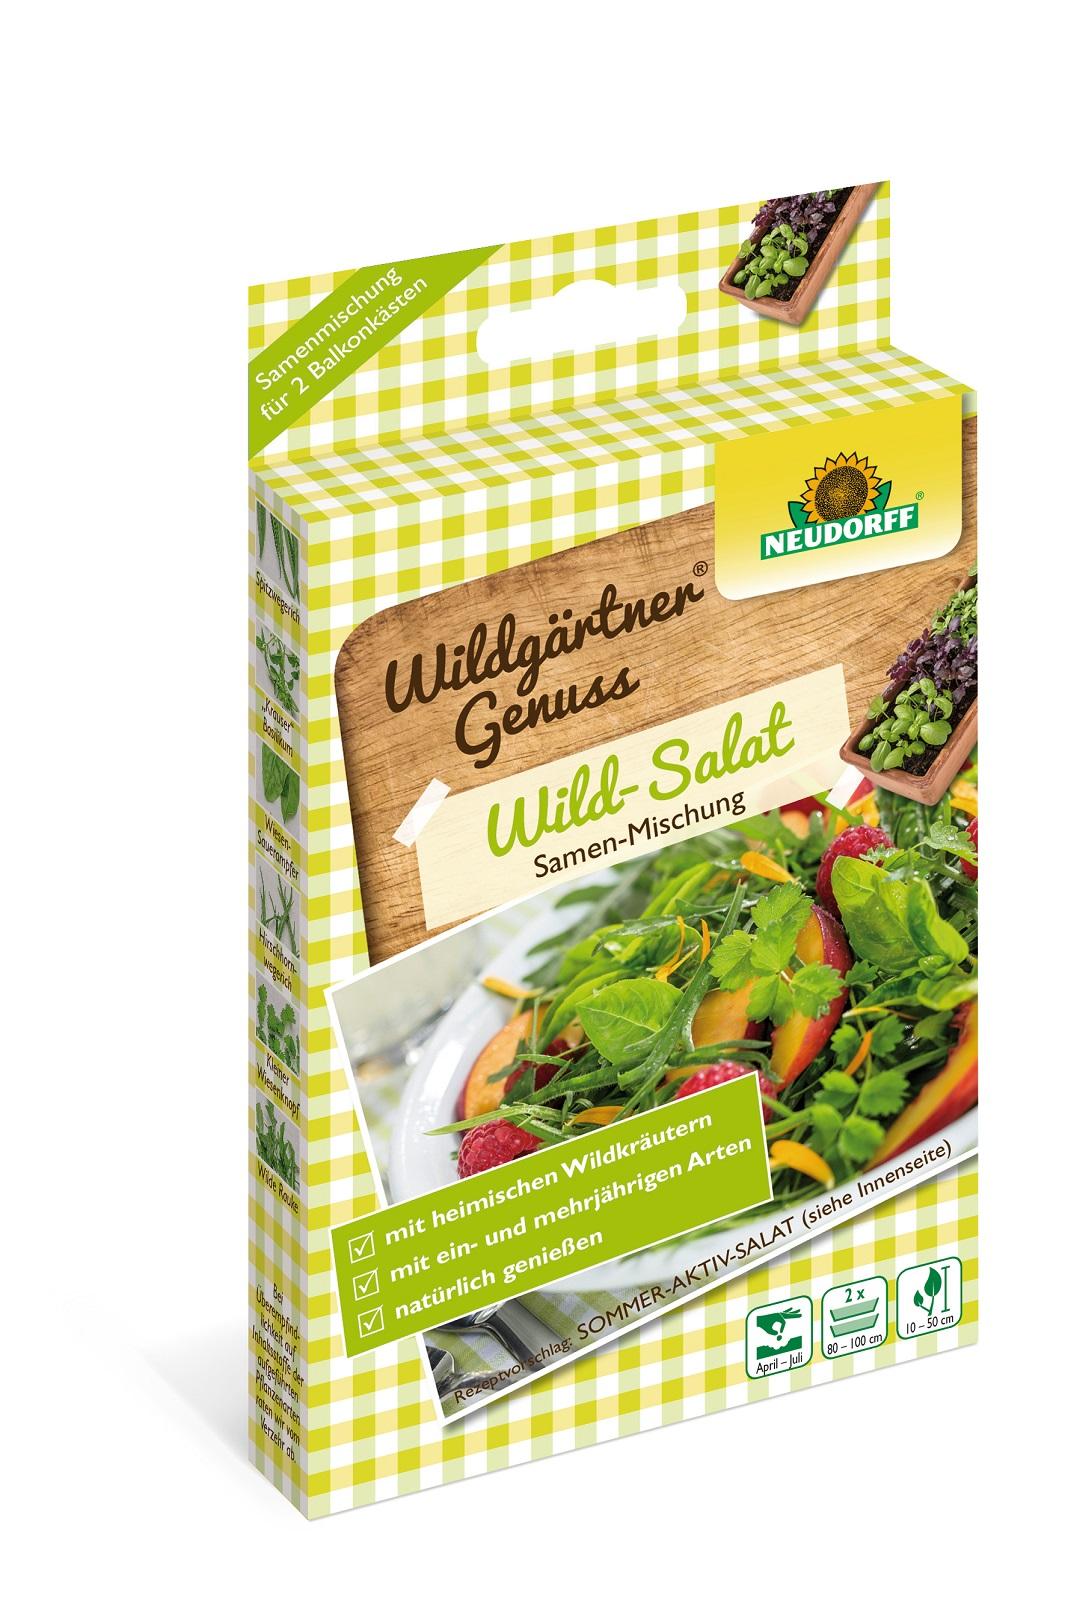 WildgärtnerGenuss Wild Salat 2 x 2 g Samen Mischung